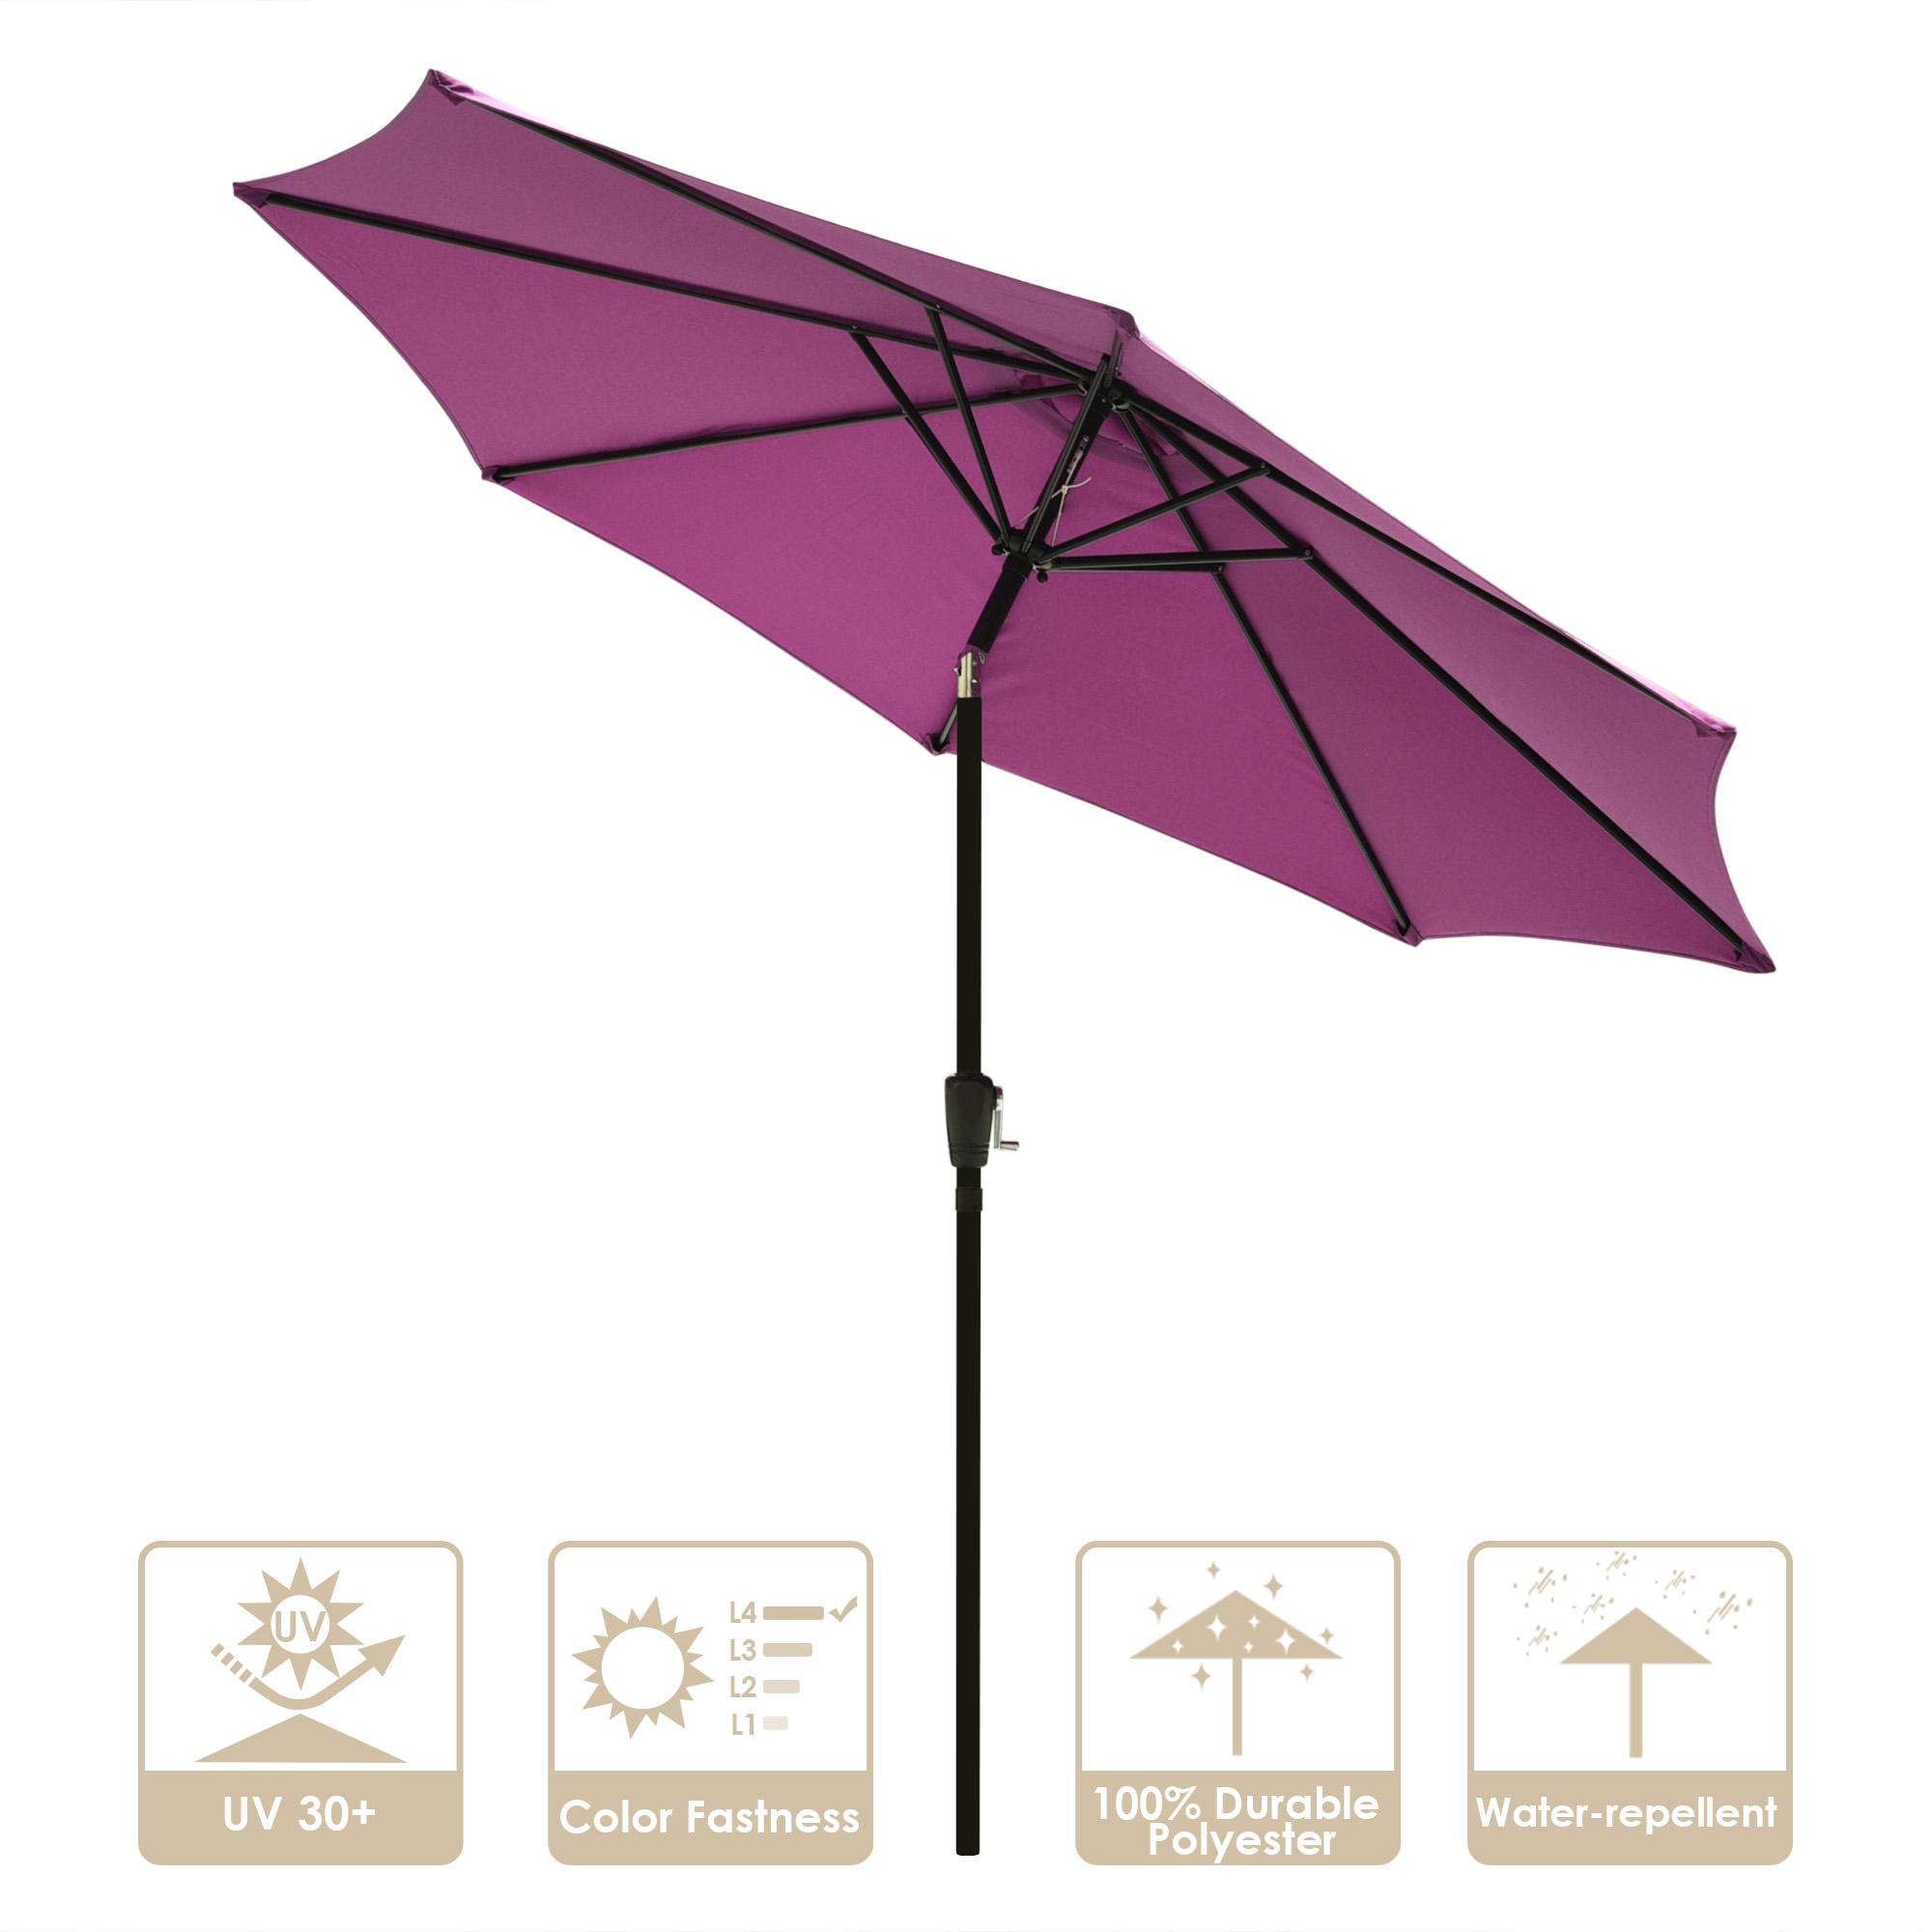 thumbnail 79 - 9' Outdoor Umbrella Patio 8 Ribs Market Garden Crank Tilt Beach Sunshade Parasol